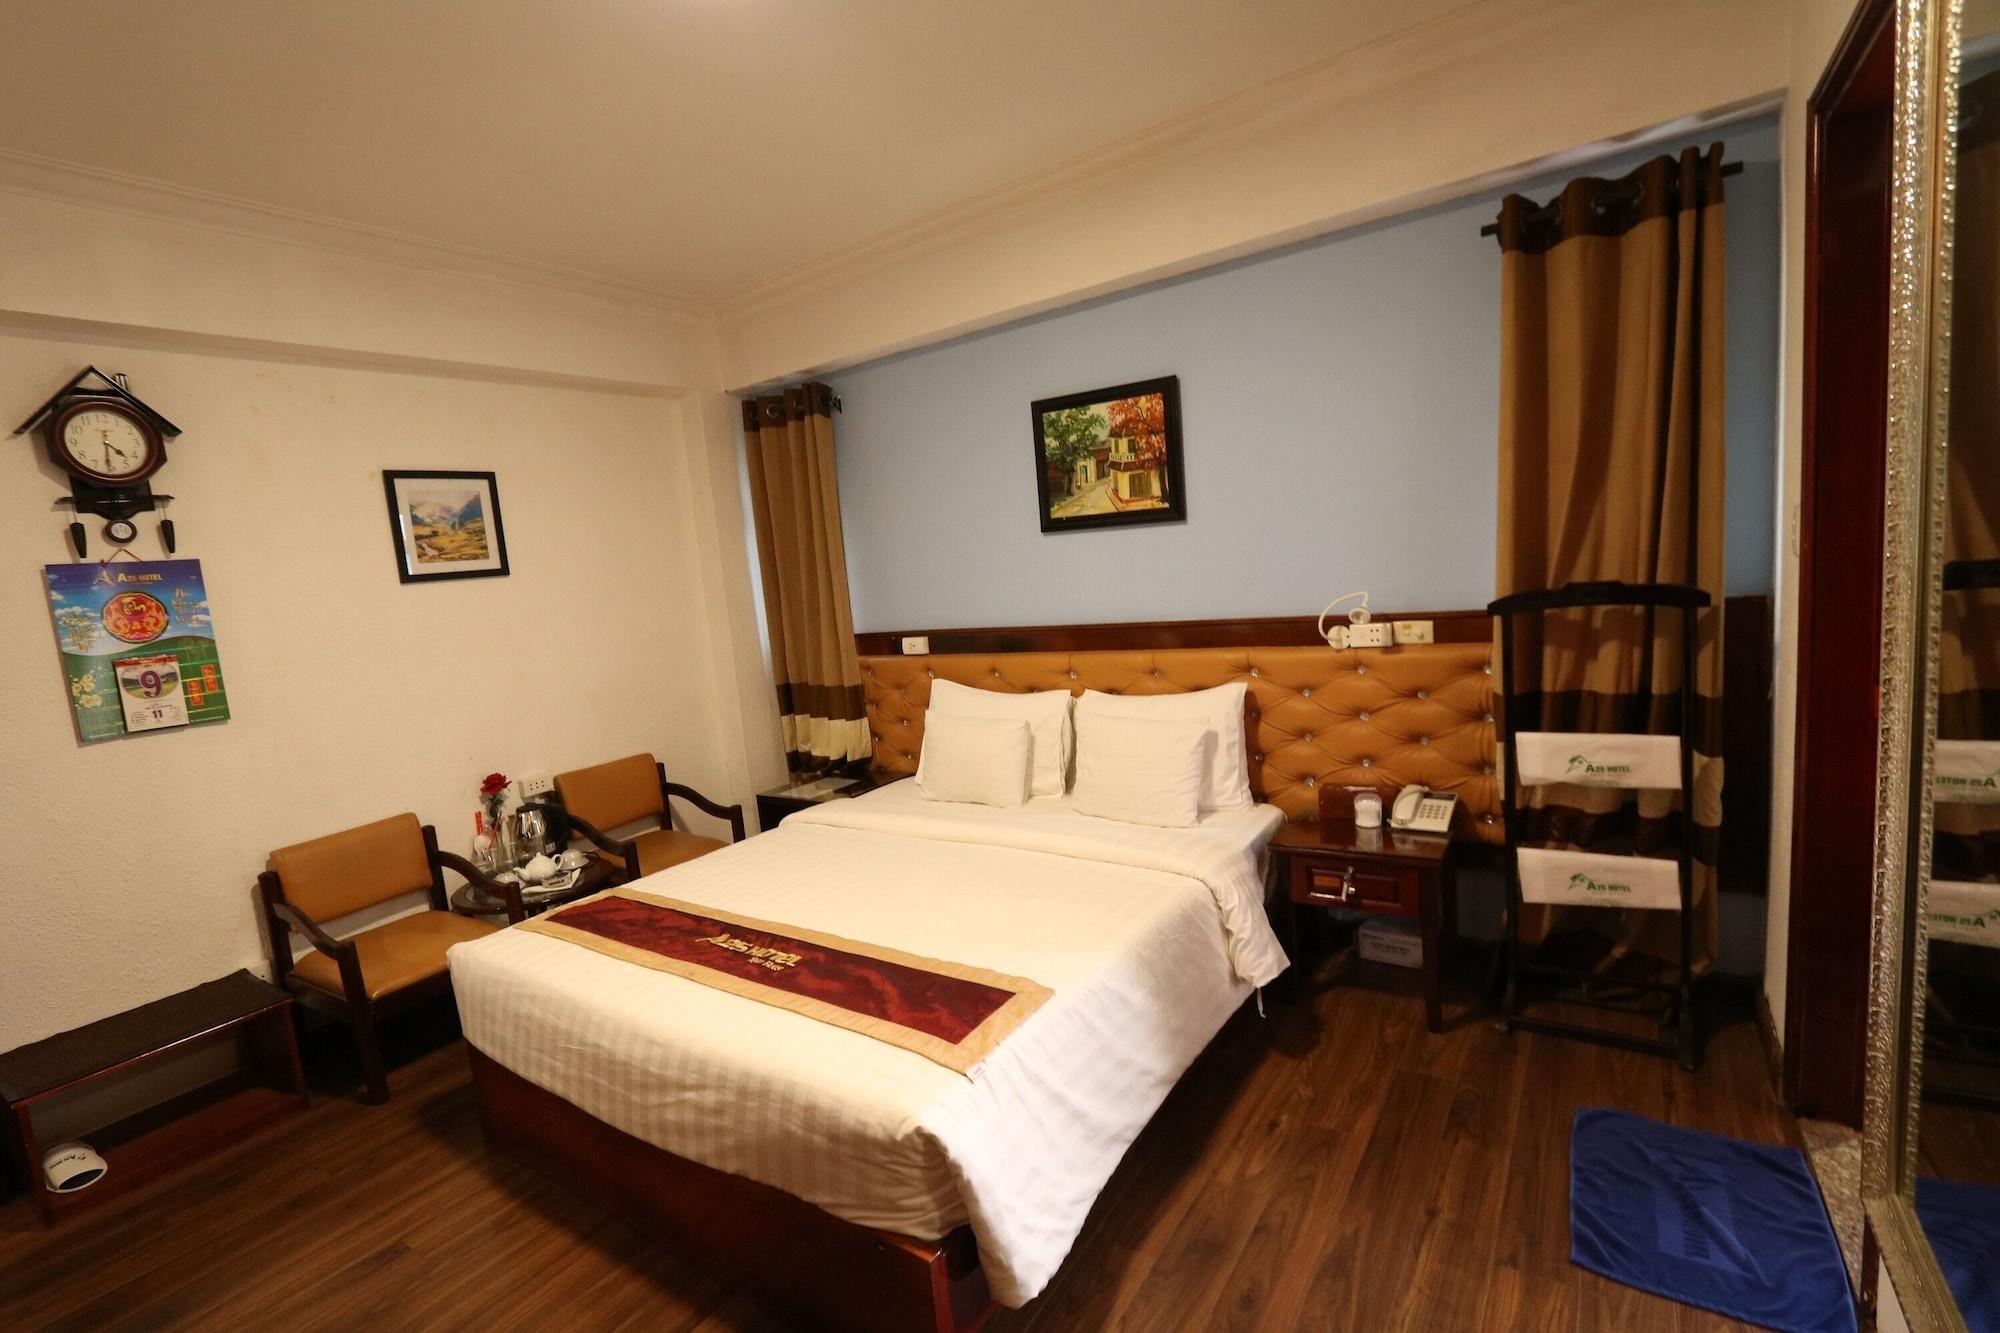 A25 Hotel - Hang Bun, Ba Đình